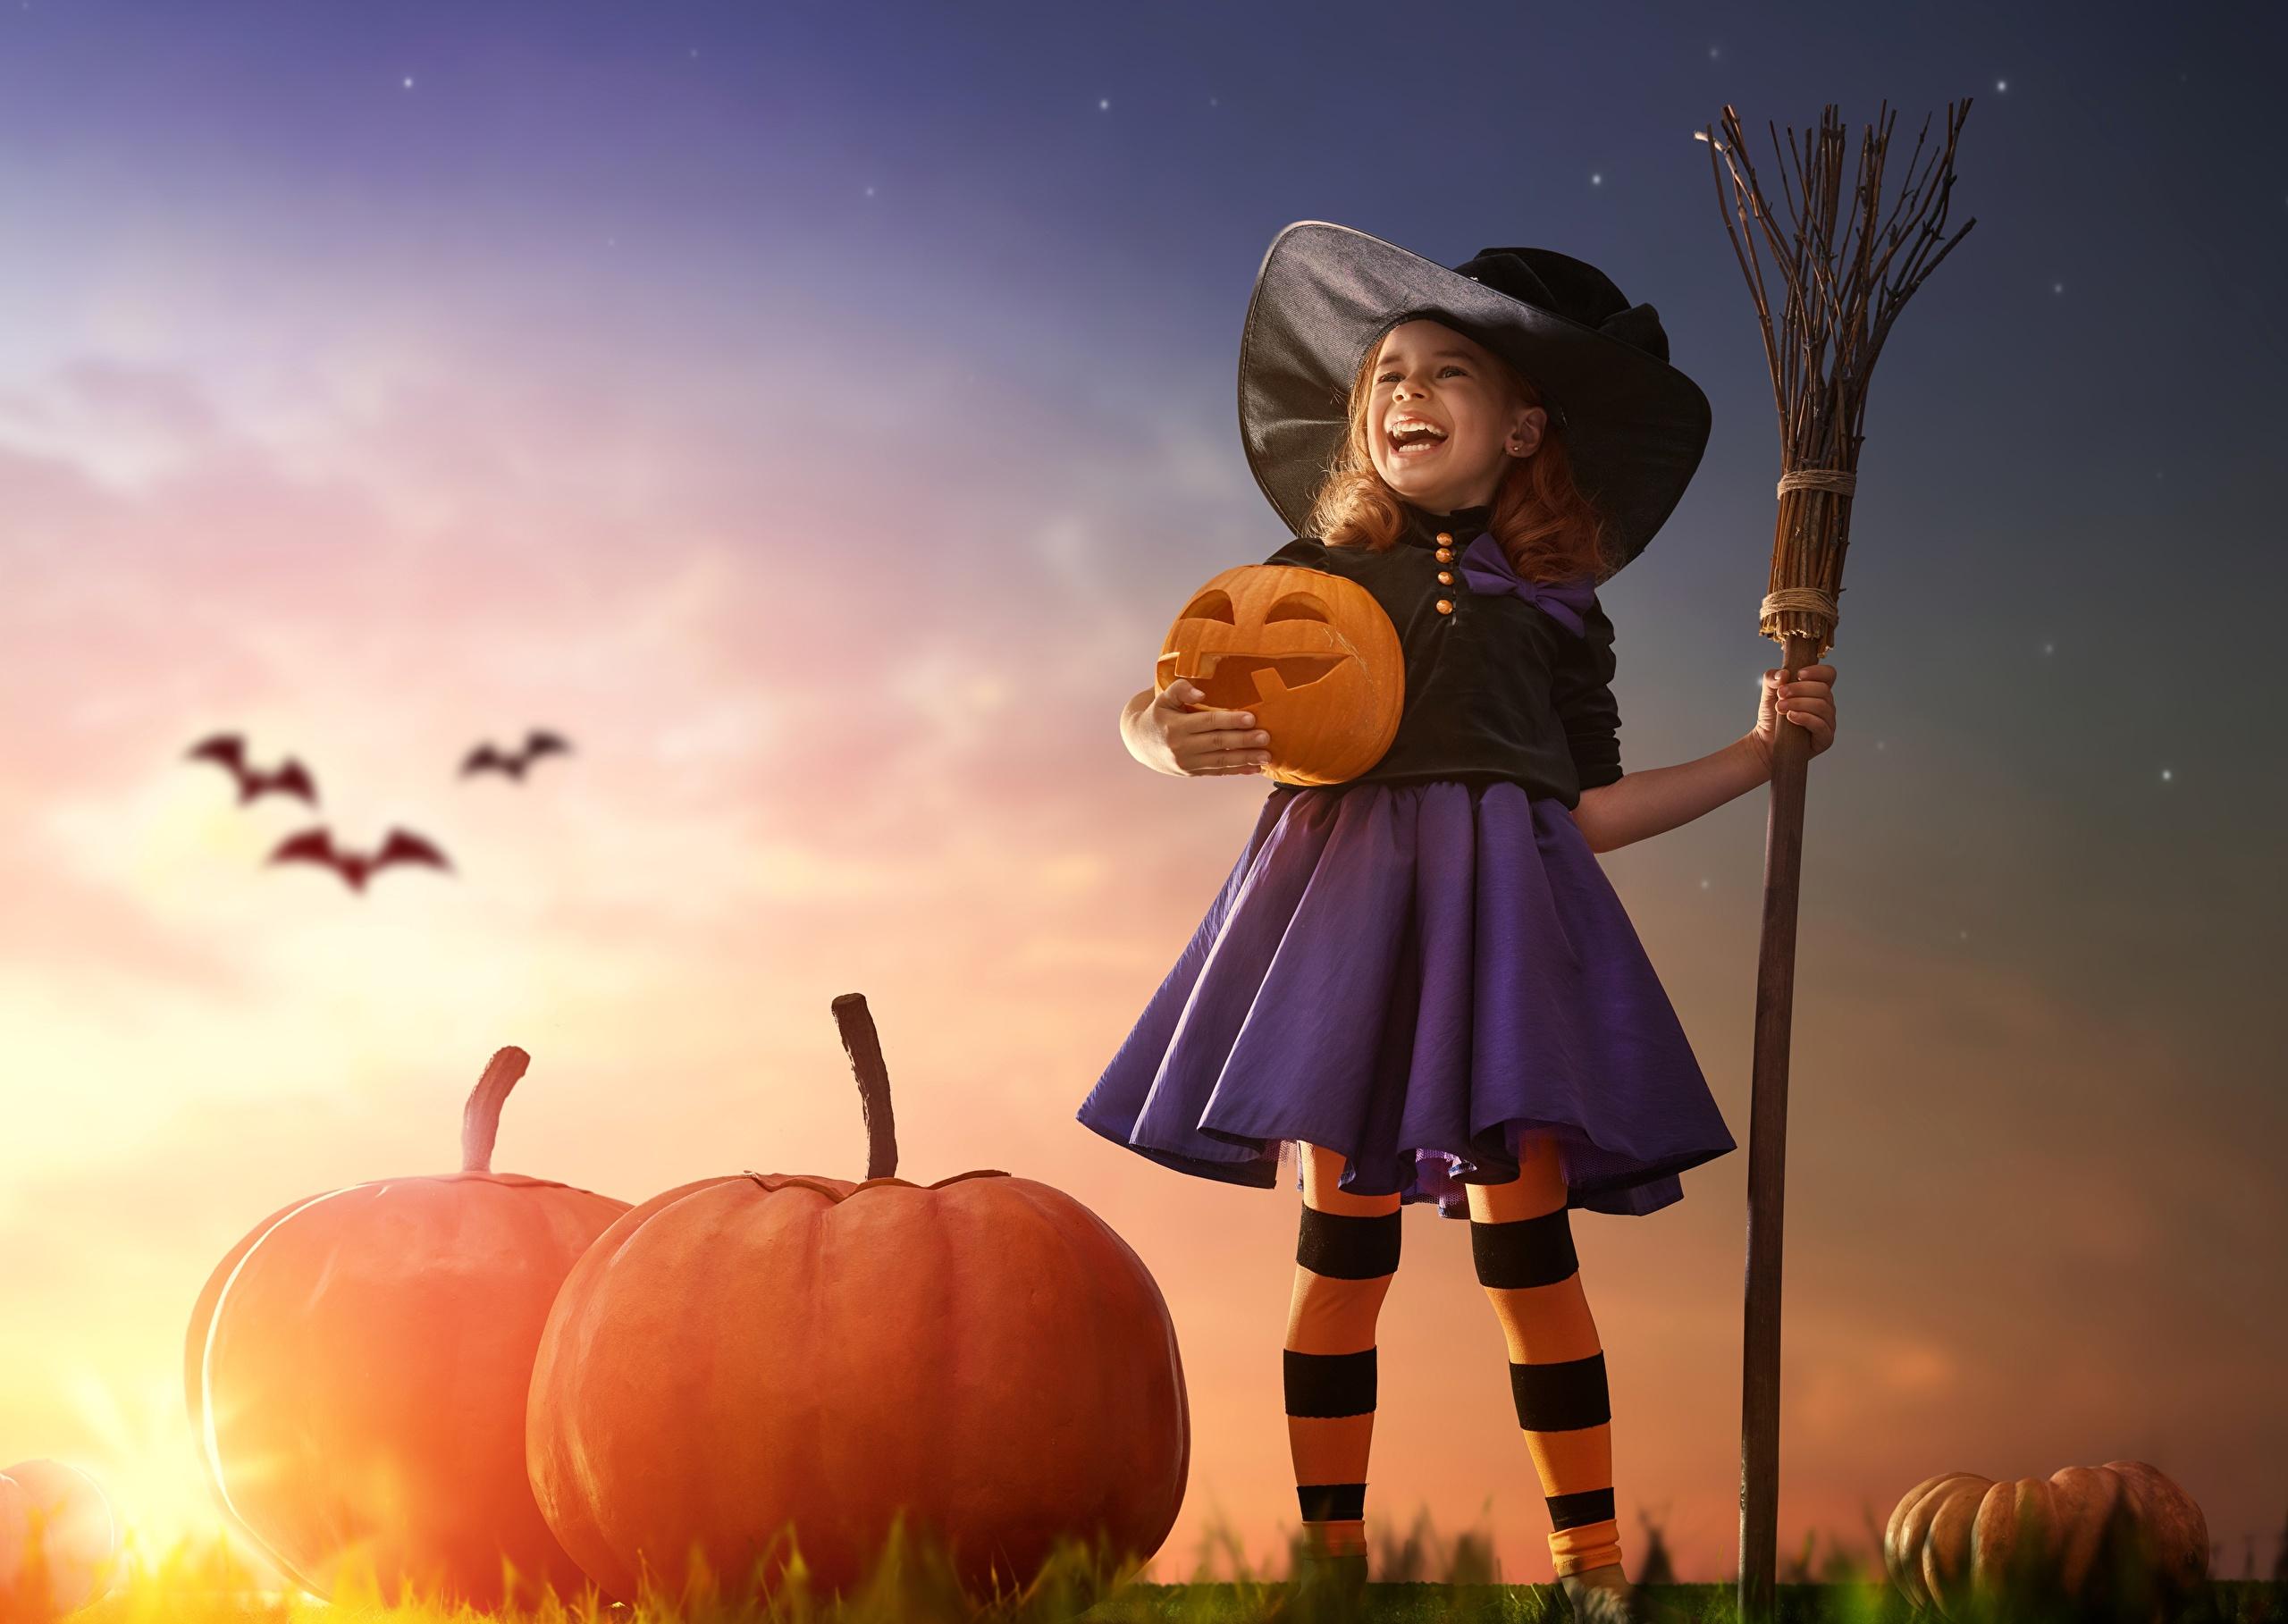 download wallpaper: Halloween heksje wallpaper